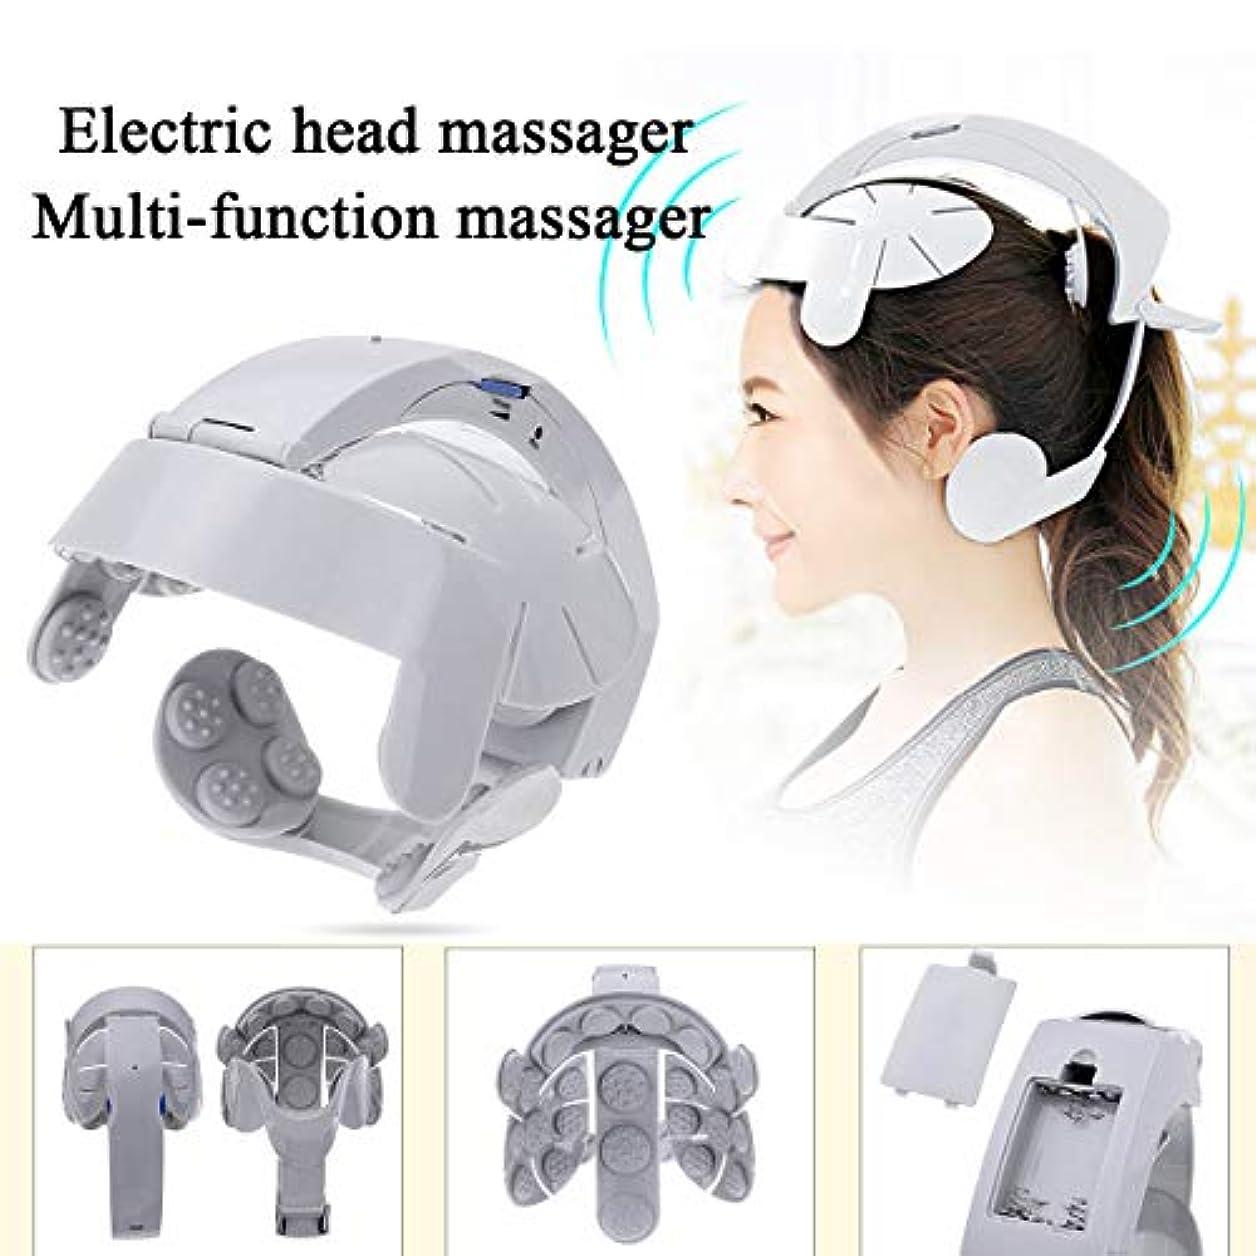 あたたかい微妙挑発する電気ヘッドマッサージの振動マッサージ簡単な脳マッサージ器ストレスリリーフとより良い睡眠経穴ストレス解放機